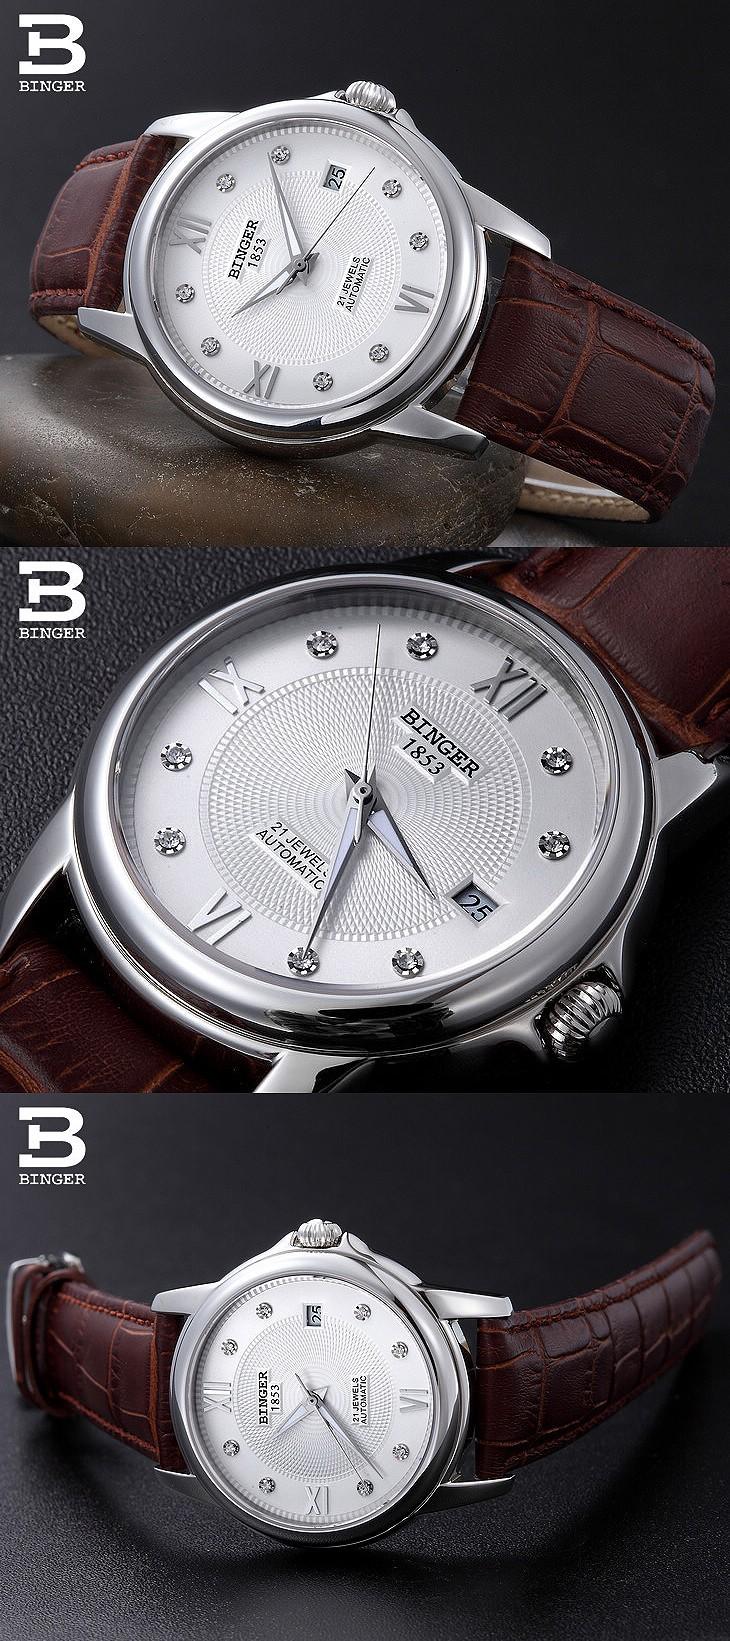 Мужчины полный стали Автоматическая Механическая аналоговый Римская Часы водонепроницаемые relogio часы на luxury brand 18 К Золото Binger наручные часы